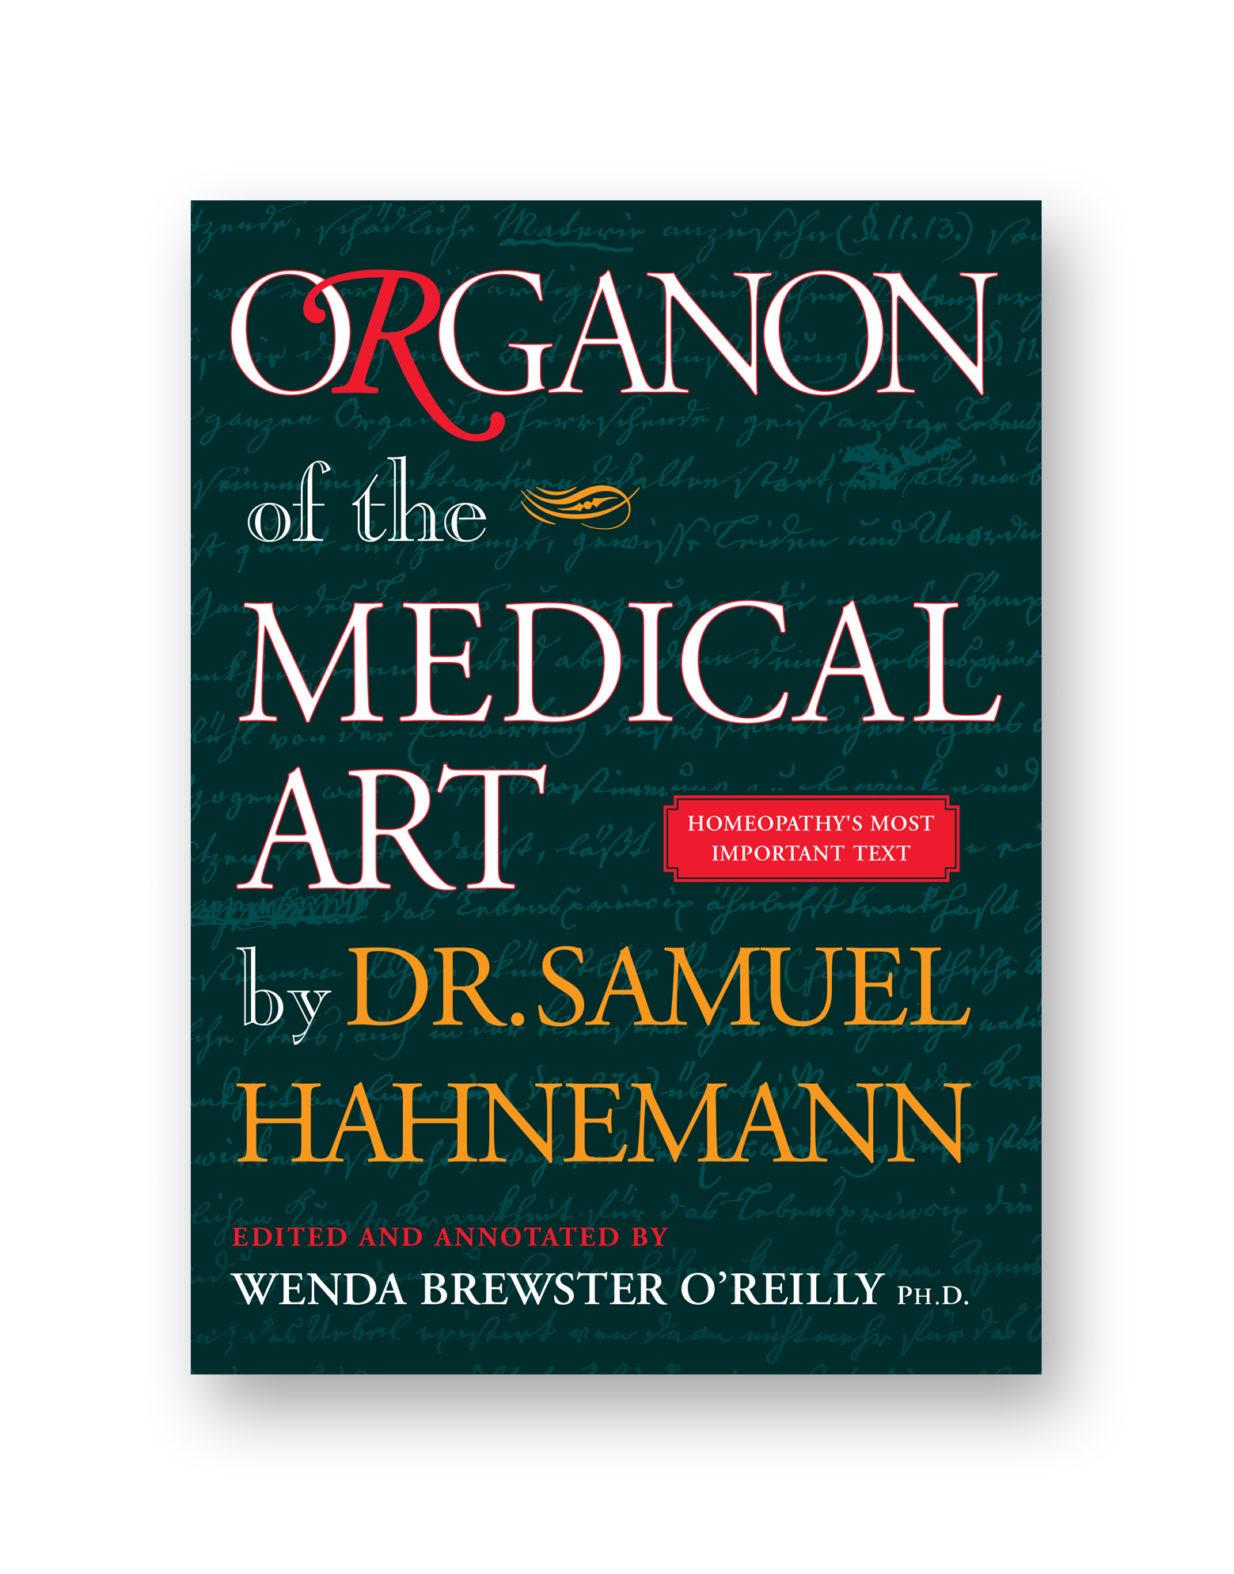 Organon_Book